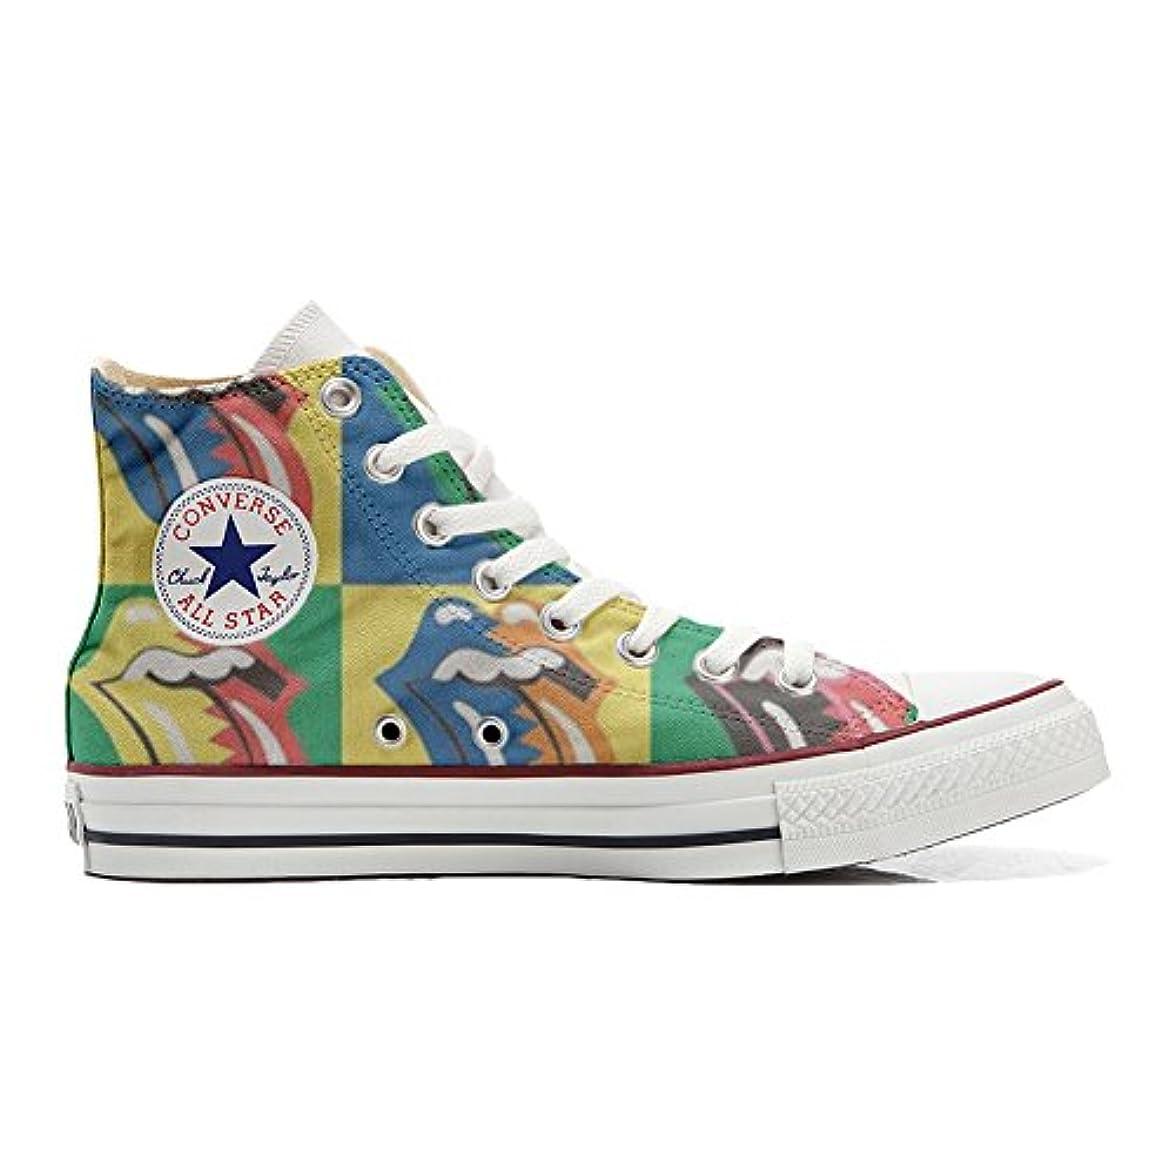 Scarpe Converse All Star Alte Personalizzate scarpe Artigianali Rolling Stones